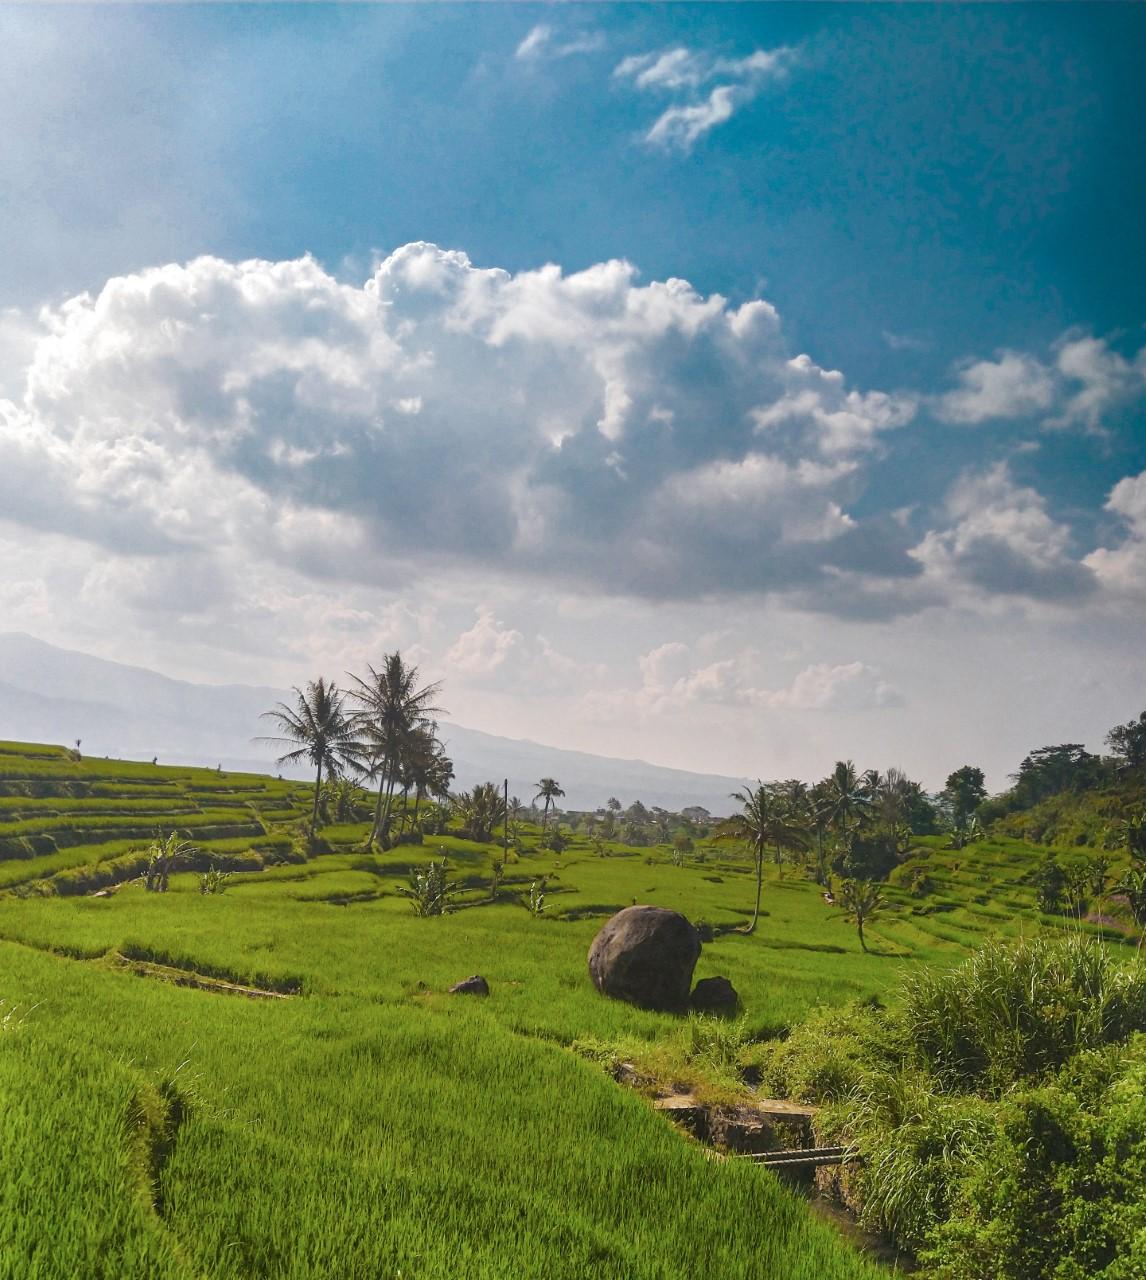 Van 6 maanden reizen door Azië naar het verliezen van mijn baan